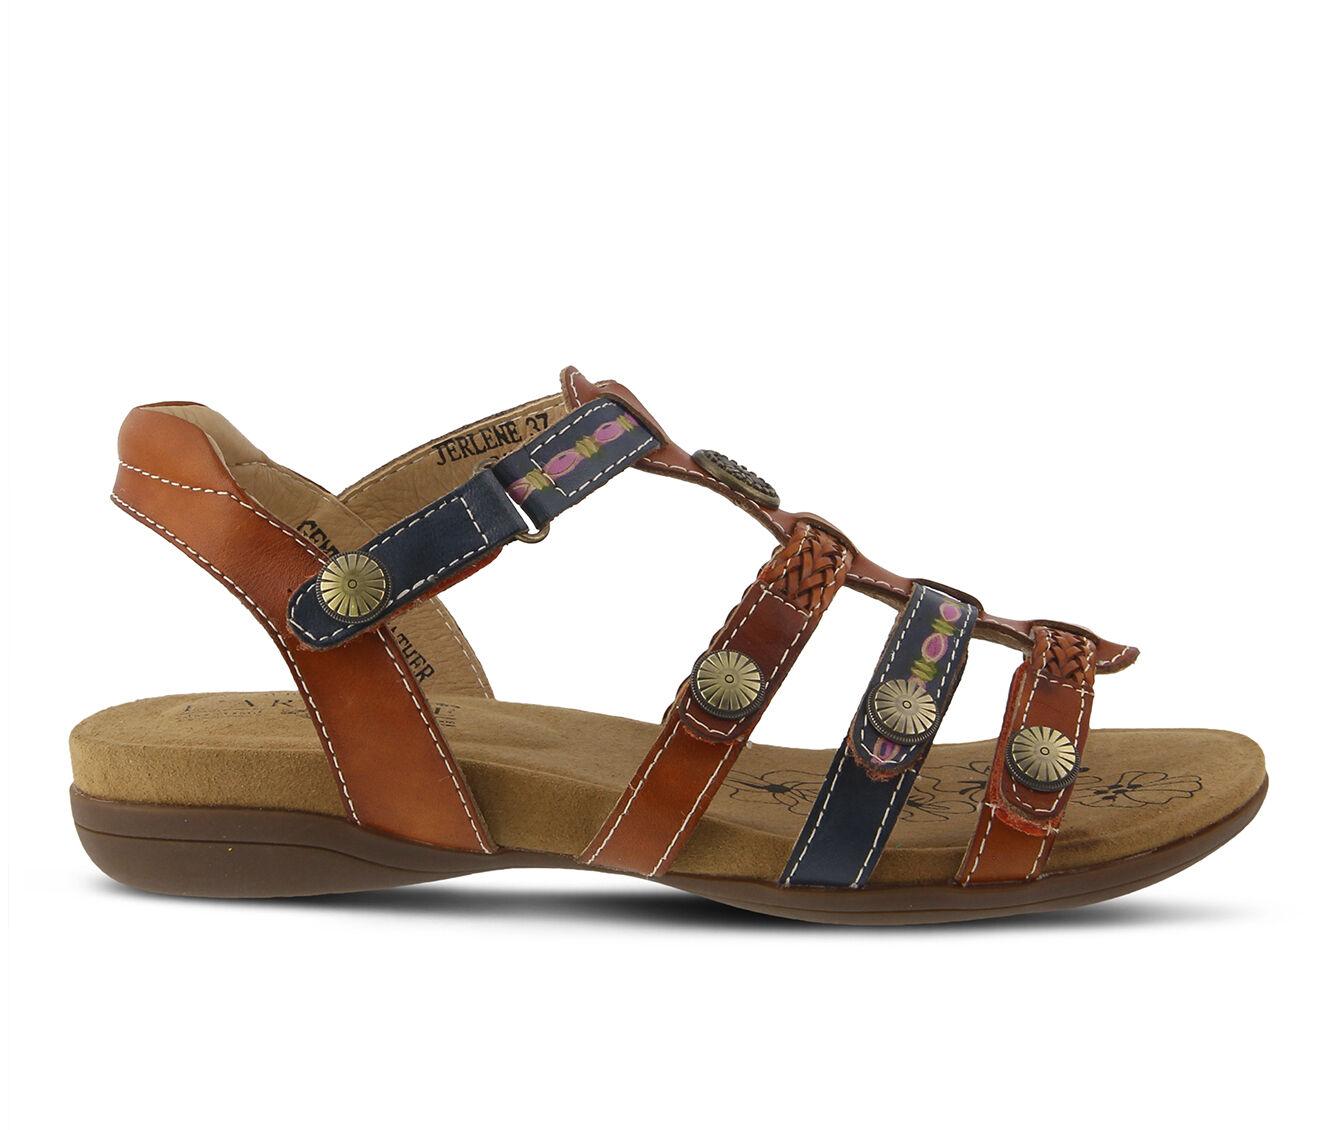 Top Quality Women's L'ARTISTE Jerlene Sandals Camel Mutli